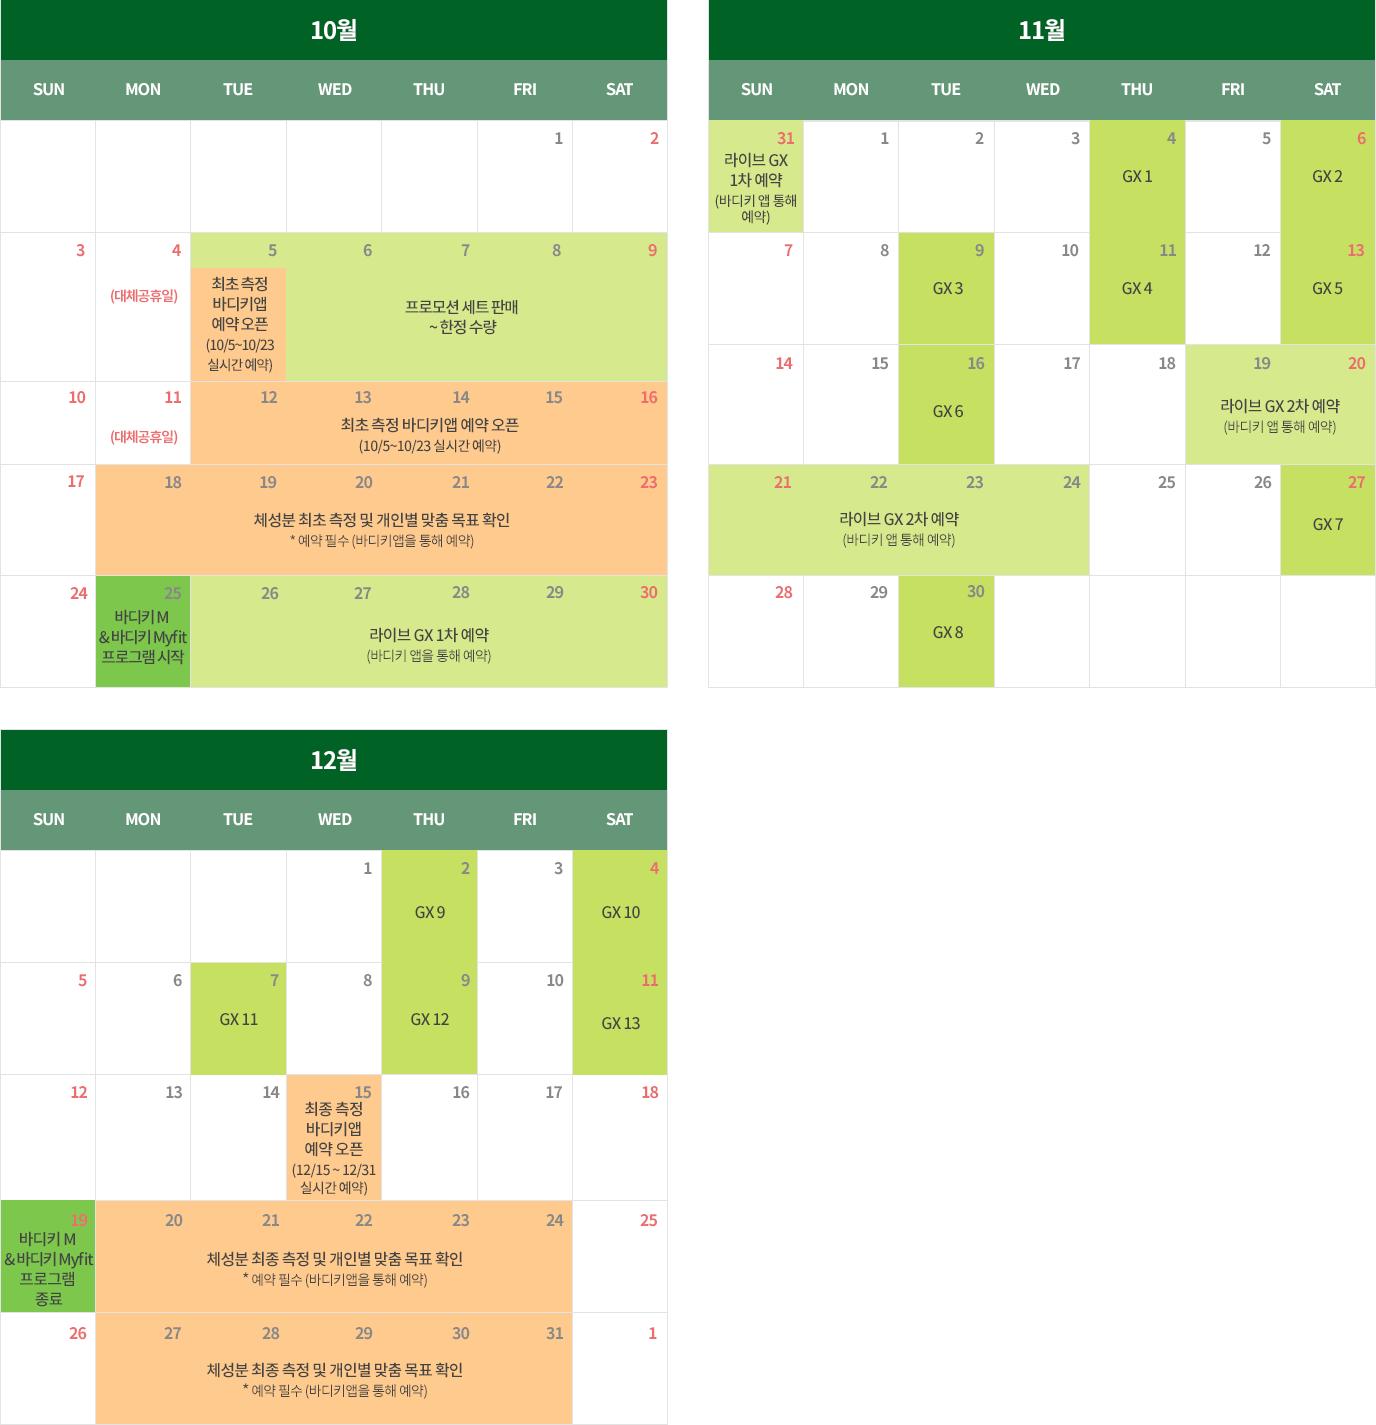 10월[10월 5일(목) : 최초 측정 바디키 앱 예약 오픈(10/5 ~ 10/23 실시간 예약), 10월 5일(목) ~ 10월 9일(토) : 프로모션 세트 판매 ~ 한정 수량, 10월 12일(화) ~ 10월 16일(토) : 최초 측정 바디키 앱 예약 오픈 (10/5~10/23 실시간 예약), 10월 18일(월) ~ 10월 23일(토) : 체성분 최초 측정 및 개인별 맞춤 목표 확인 * 예약 필수 (바디키 앱을 통해 예약), 10월 25일(월) : 바디키 M & 바디키 Myfit 프로그램 시작, 10월 26일(화) ~ 10월 31일(일) : 라이브 GX 1차 예약(바디키 앱을 통해 예약)], 11월[11월 4일(목) : GX 1, 11월 6일(토) : GX 2, 11월 9일(화) : GX 3, 11월 11일(목) : GX 4, 11월 13일(토) : GX 5, 11월 16일(화) : GX 6, 11월 19일(금) ~ 11월 24일(수) : 라이브 GX 2차 예약(바디키 앱을 통해 예약), 11월 27일(토) : GX 7, 11월 30일(화) : GX 8], 12월[12월 2일(목) : GX 9, 12월 4일(토) : GX 10, 12월 7일(화) : GX 11, 12월 9일(목) : GX 12, 12월 11일(토) : GX 13, 12월 15일(수) : 최종 측정 바디키앱 예약 오픈(12/15 ~ 12/31 실시간 예약), 12월 19일(일) : 바디키 M & 바디키 Myfit 프로그램 종료, 12월 20일(월) ~ 12월 24일(금) : 체성분 최종 측정 및 개인별 맞춤 목표 확인 * 예약 필수 (바디키앱을 통해 예약), 12월 27일(월) ~ 12월 31일(금) : 체성분 최종 측정 및 개인별 맞춤 목표 확인 * 예약 필수 (바디키앱을 통해 예약)]